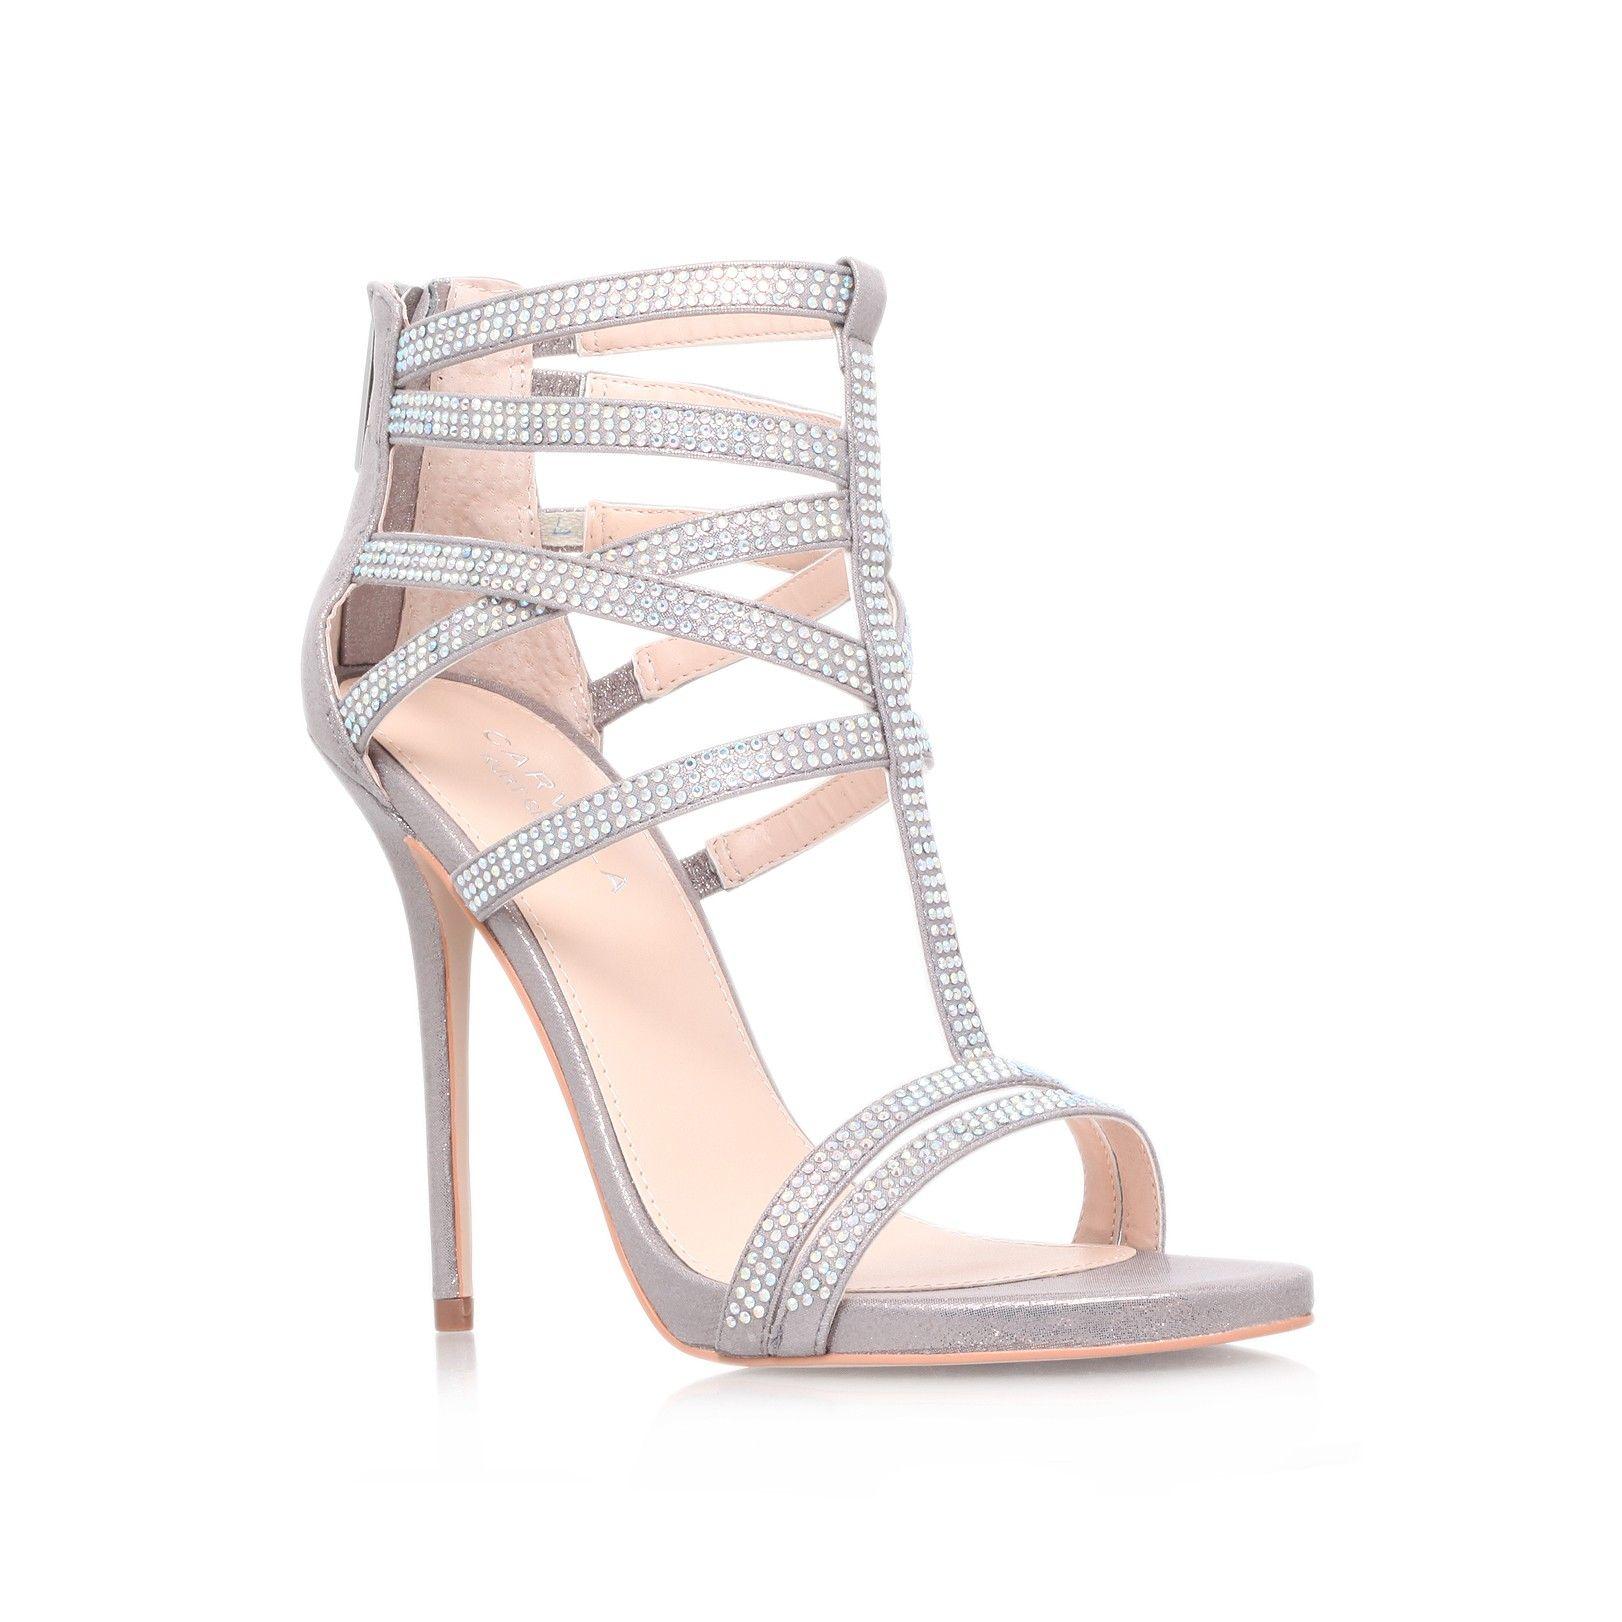 Silver sandals or shoes - Glaze Silver Shoe By Carvela Kurt Geiger Women Shoes Sandals